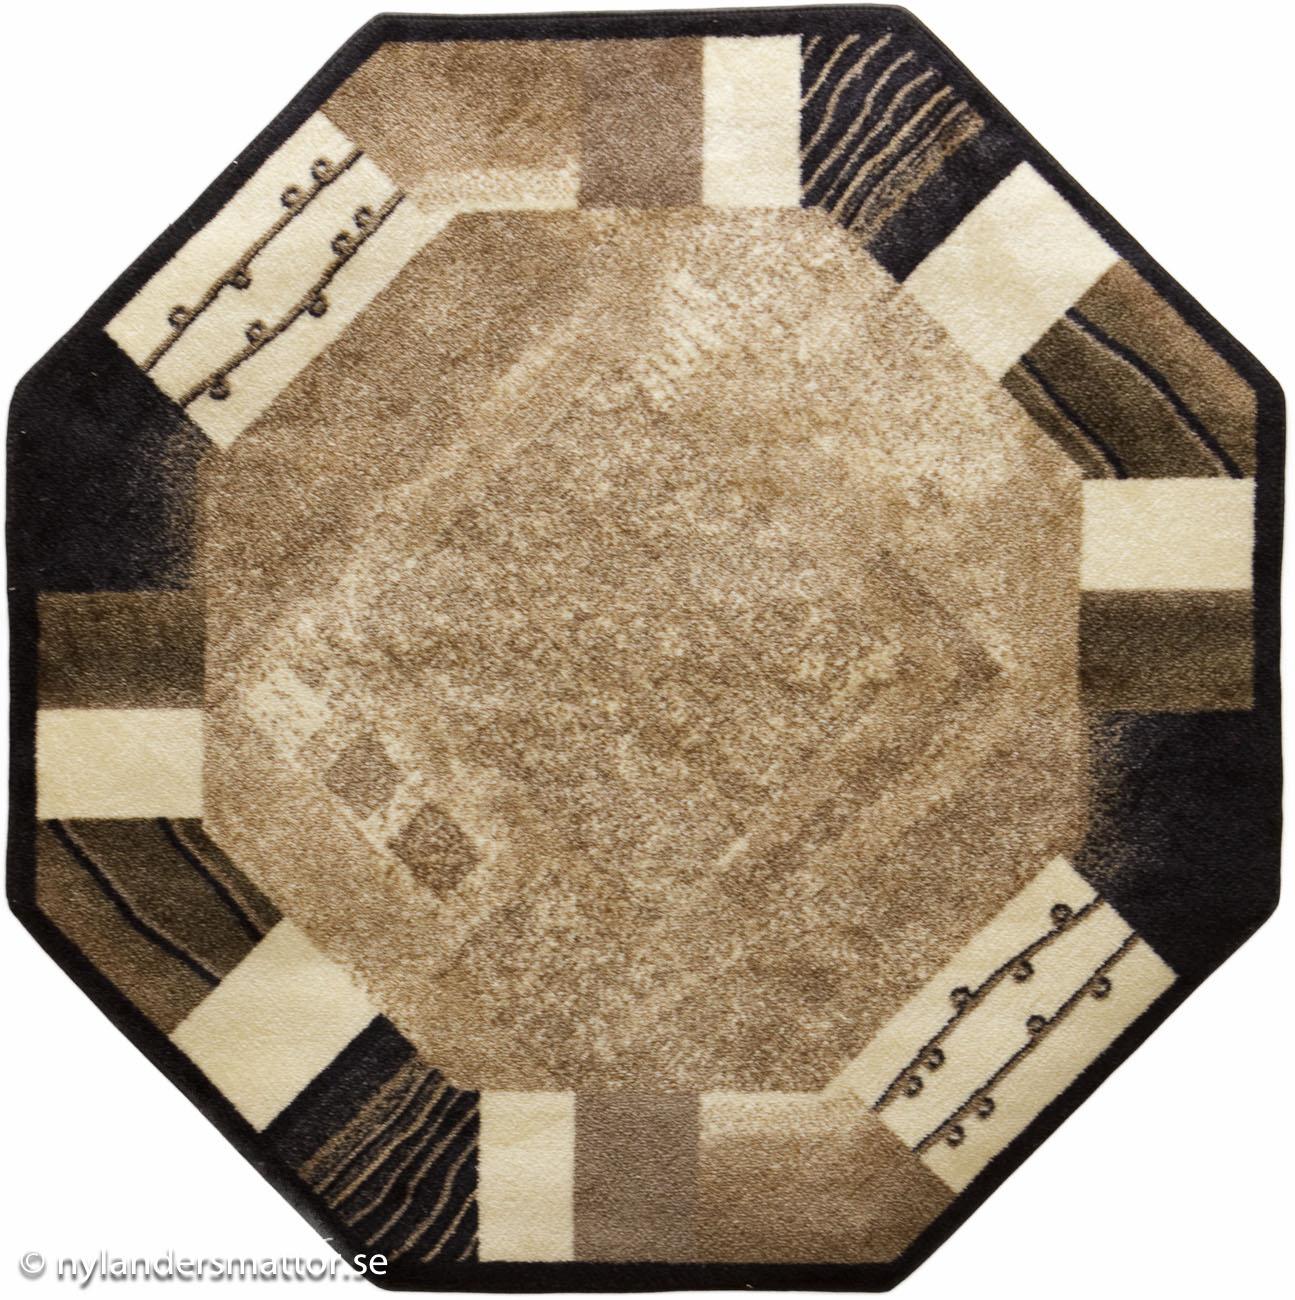 Mattor i bredden 80 cm   köp online idag   nylanders mattor